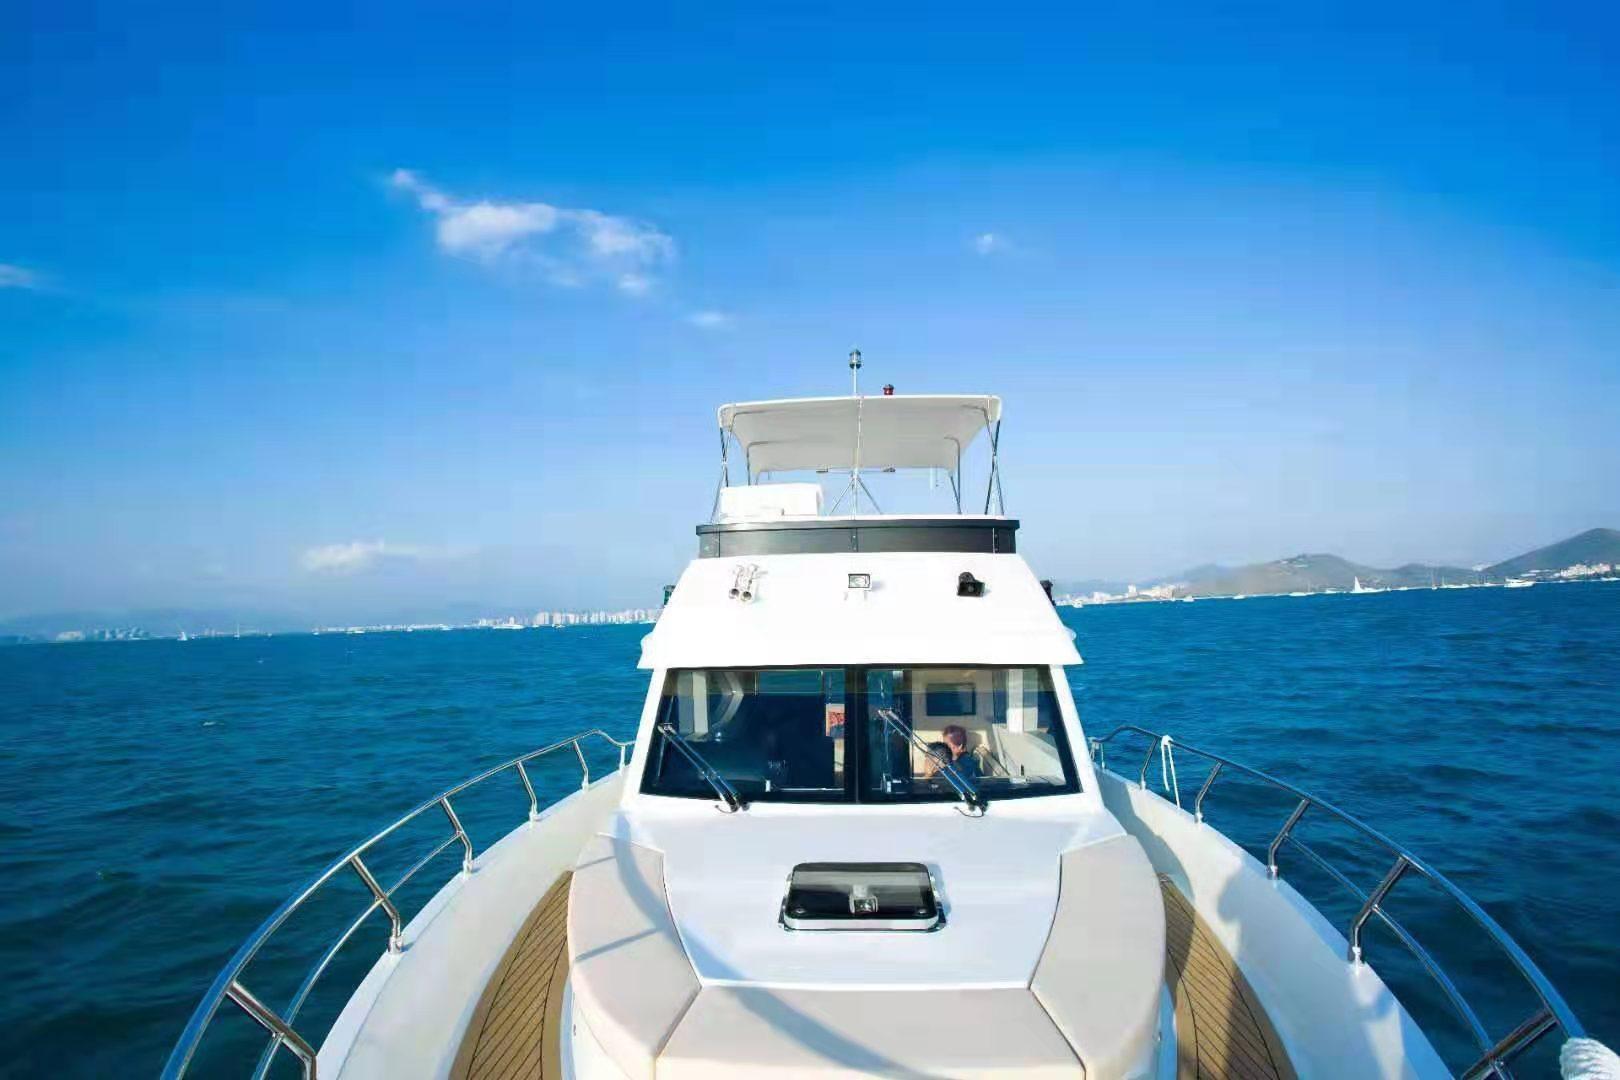 三亞鴻洲遊艇碼頭遊艇/帆船出海包車一日遊(專屬遊艇帆船+專車服務+海釣+潜水+水果)